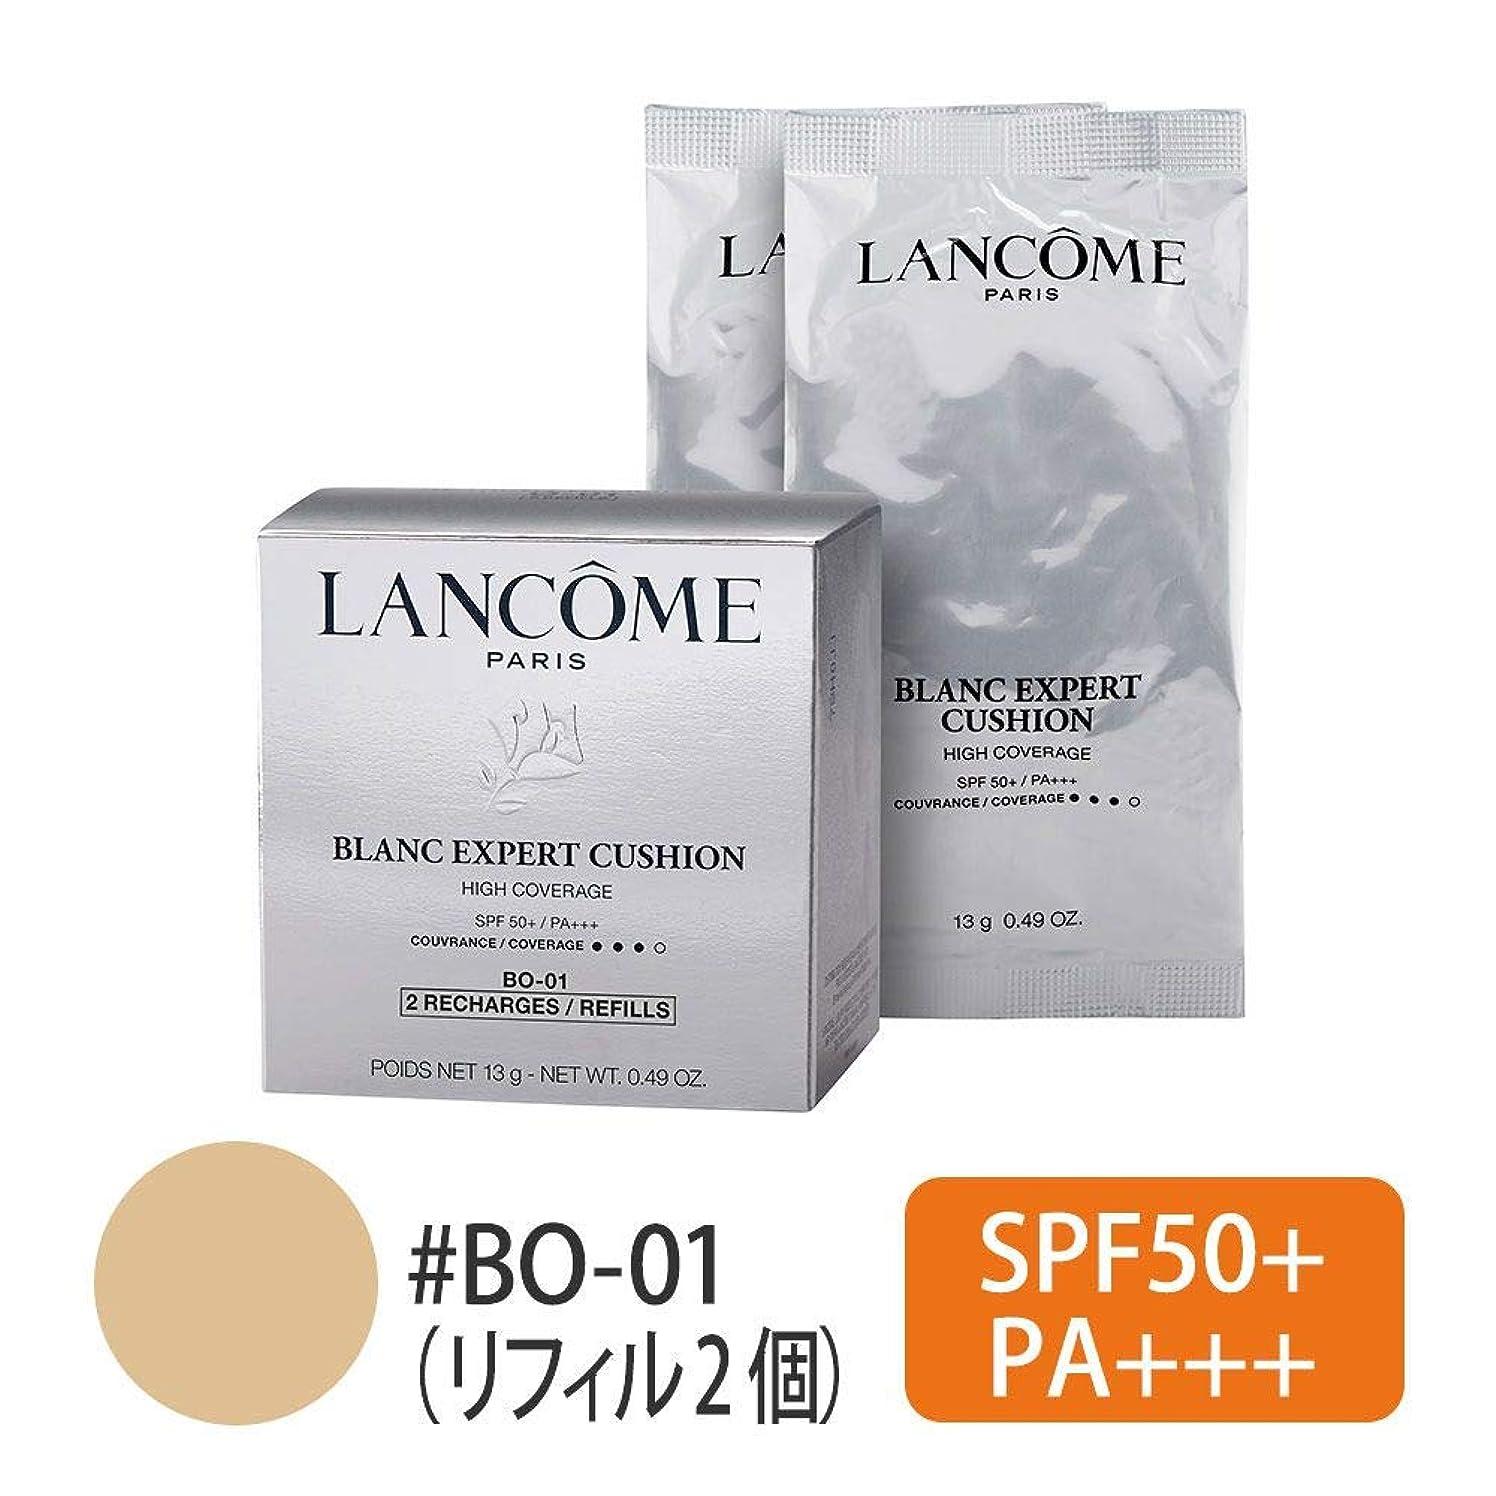 温帯一目剣ランコム(LANCOME) ブラン エクスペール クッション コンパクト H (レフィル2個) #BO-01 SPF50+/PA+++ 13gx2[並行輸入品]